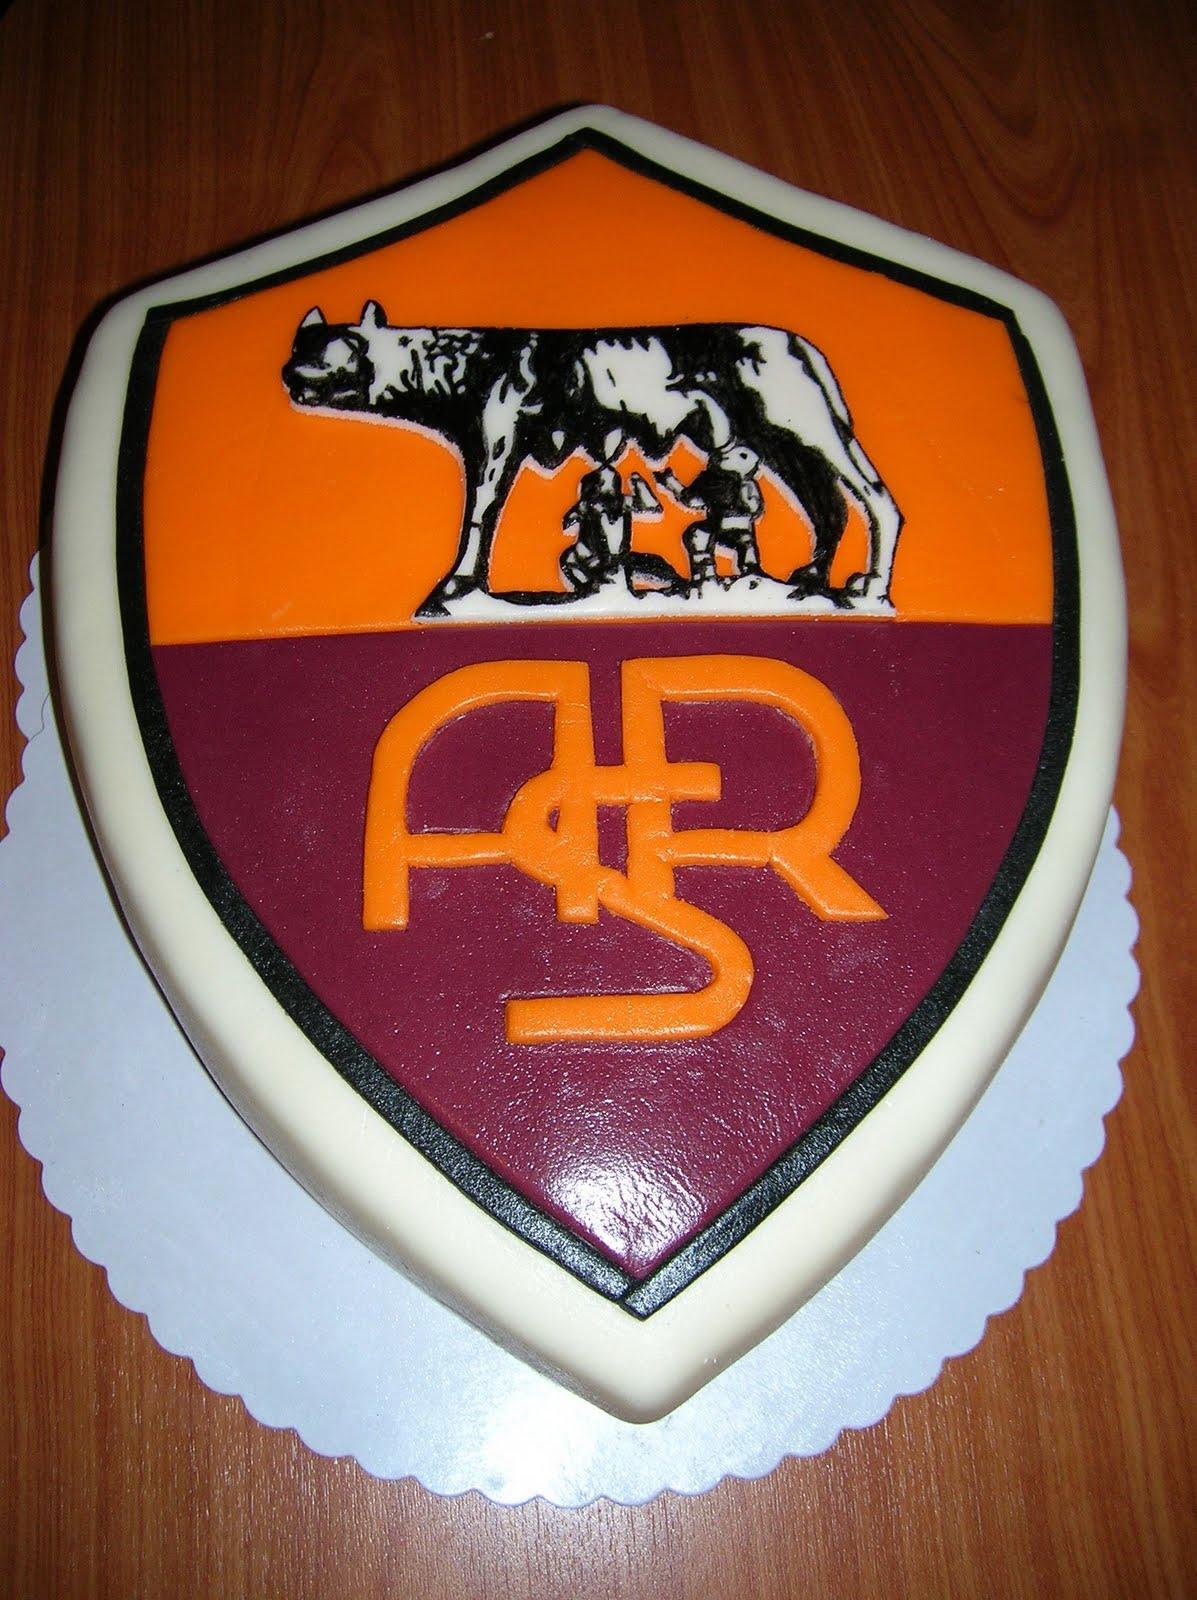 Egy szelet tortat?: AS ROMA torta